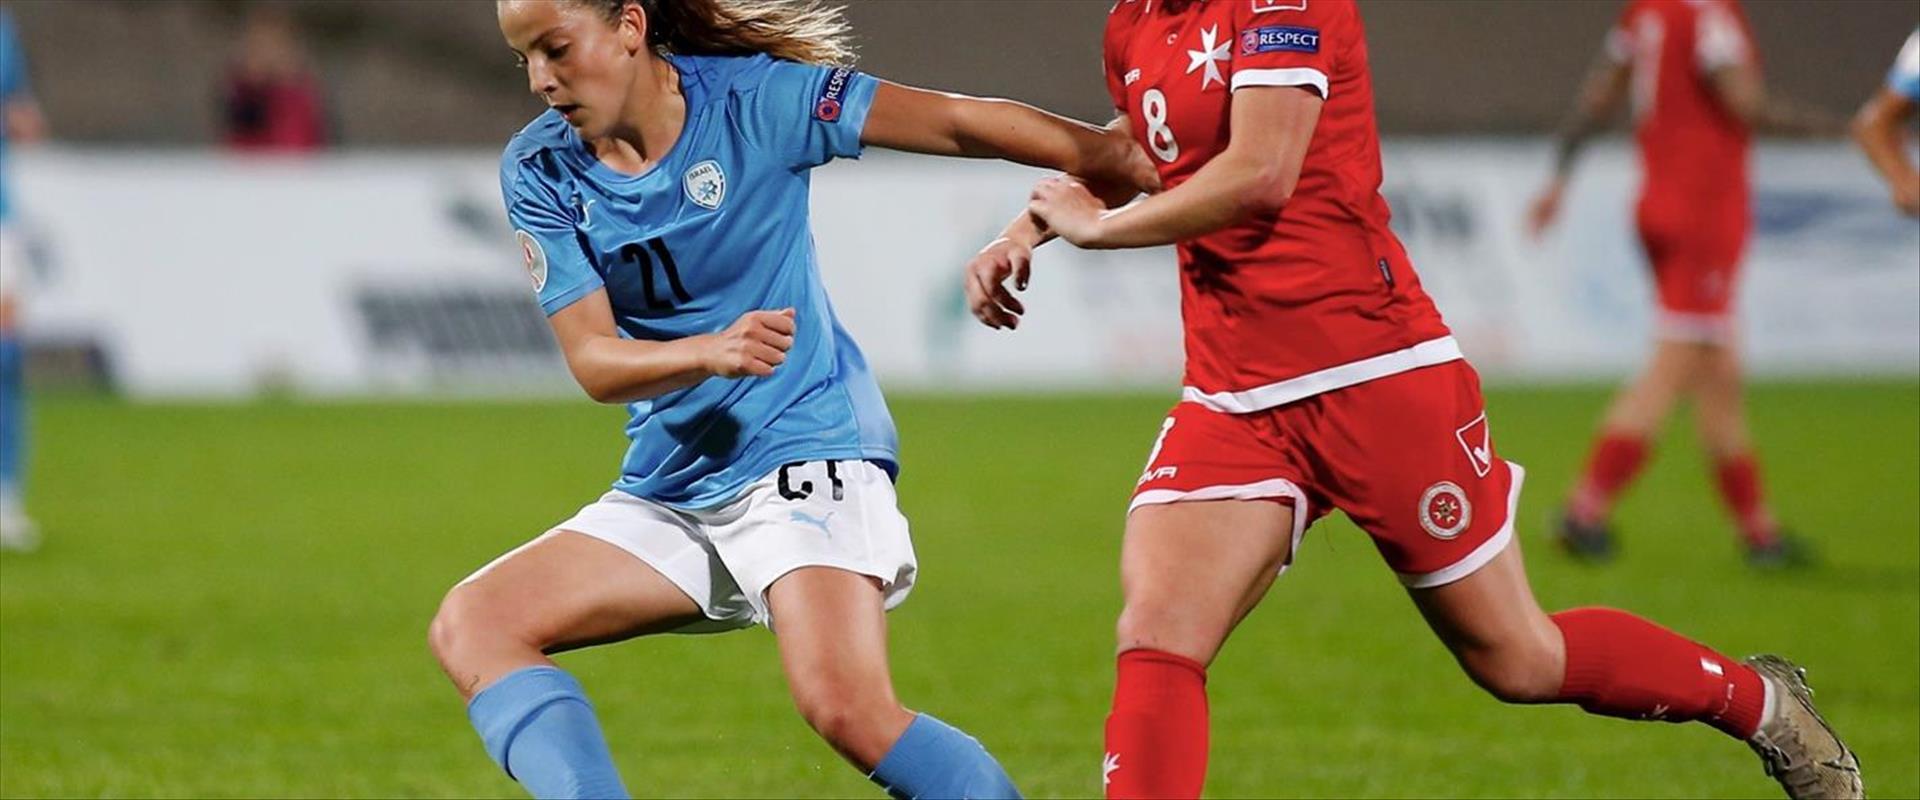 כדורגלנית נבחרת ישראל נועה סלימהוגיץ'